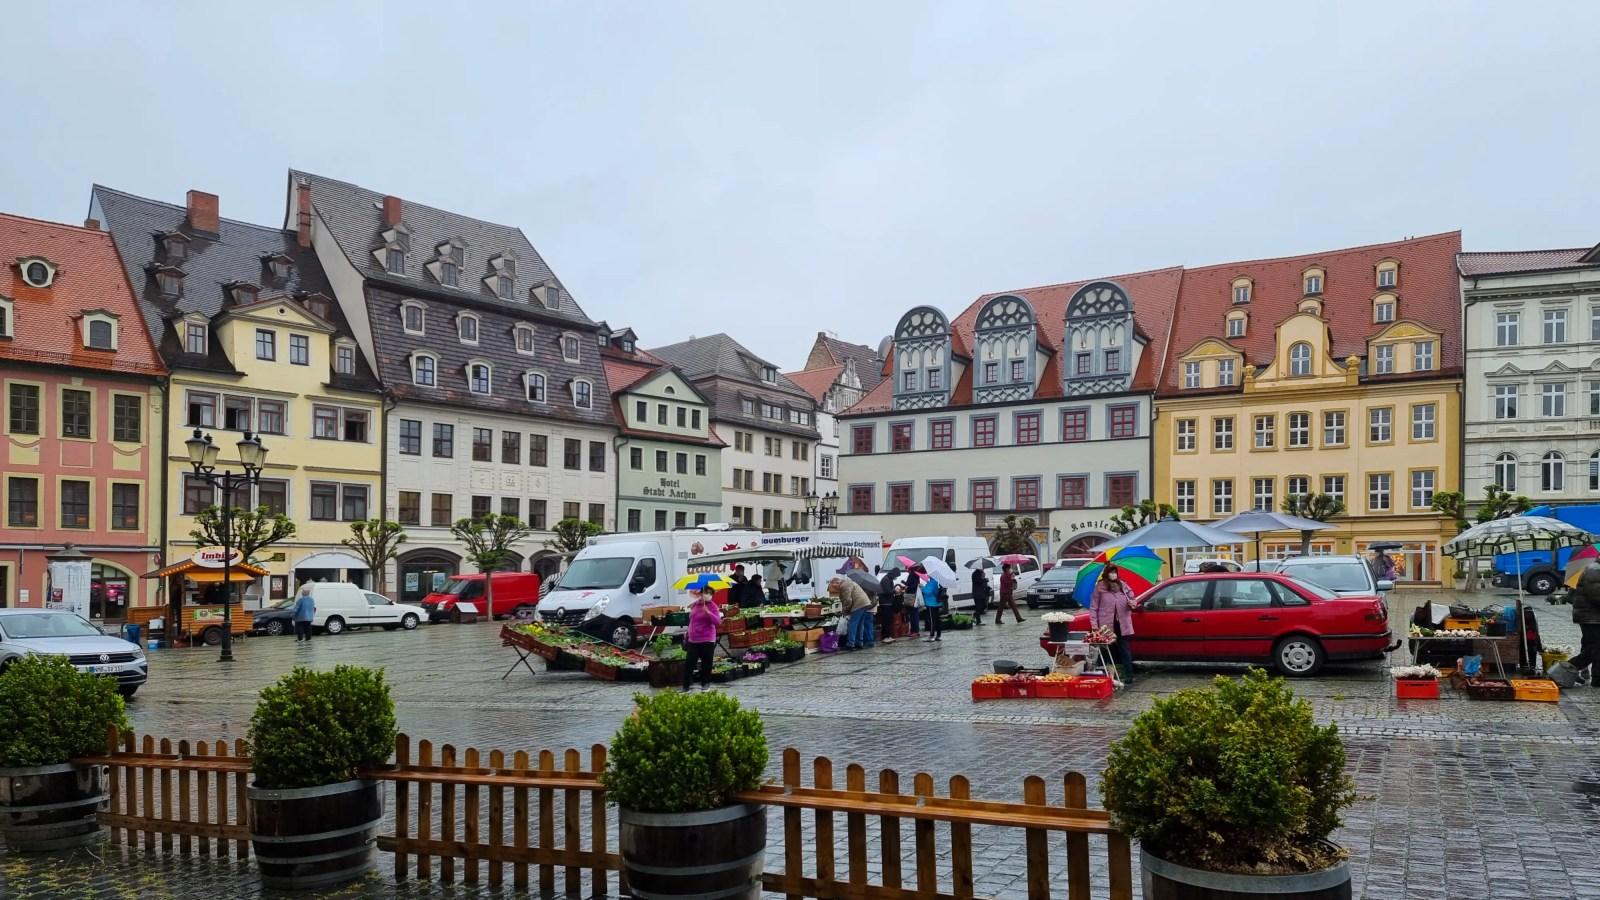 Naumburg an der Saale, Sehenswürdigkeiten von Naumburg, Tipps für Naumburg, Tipps für Naumburg